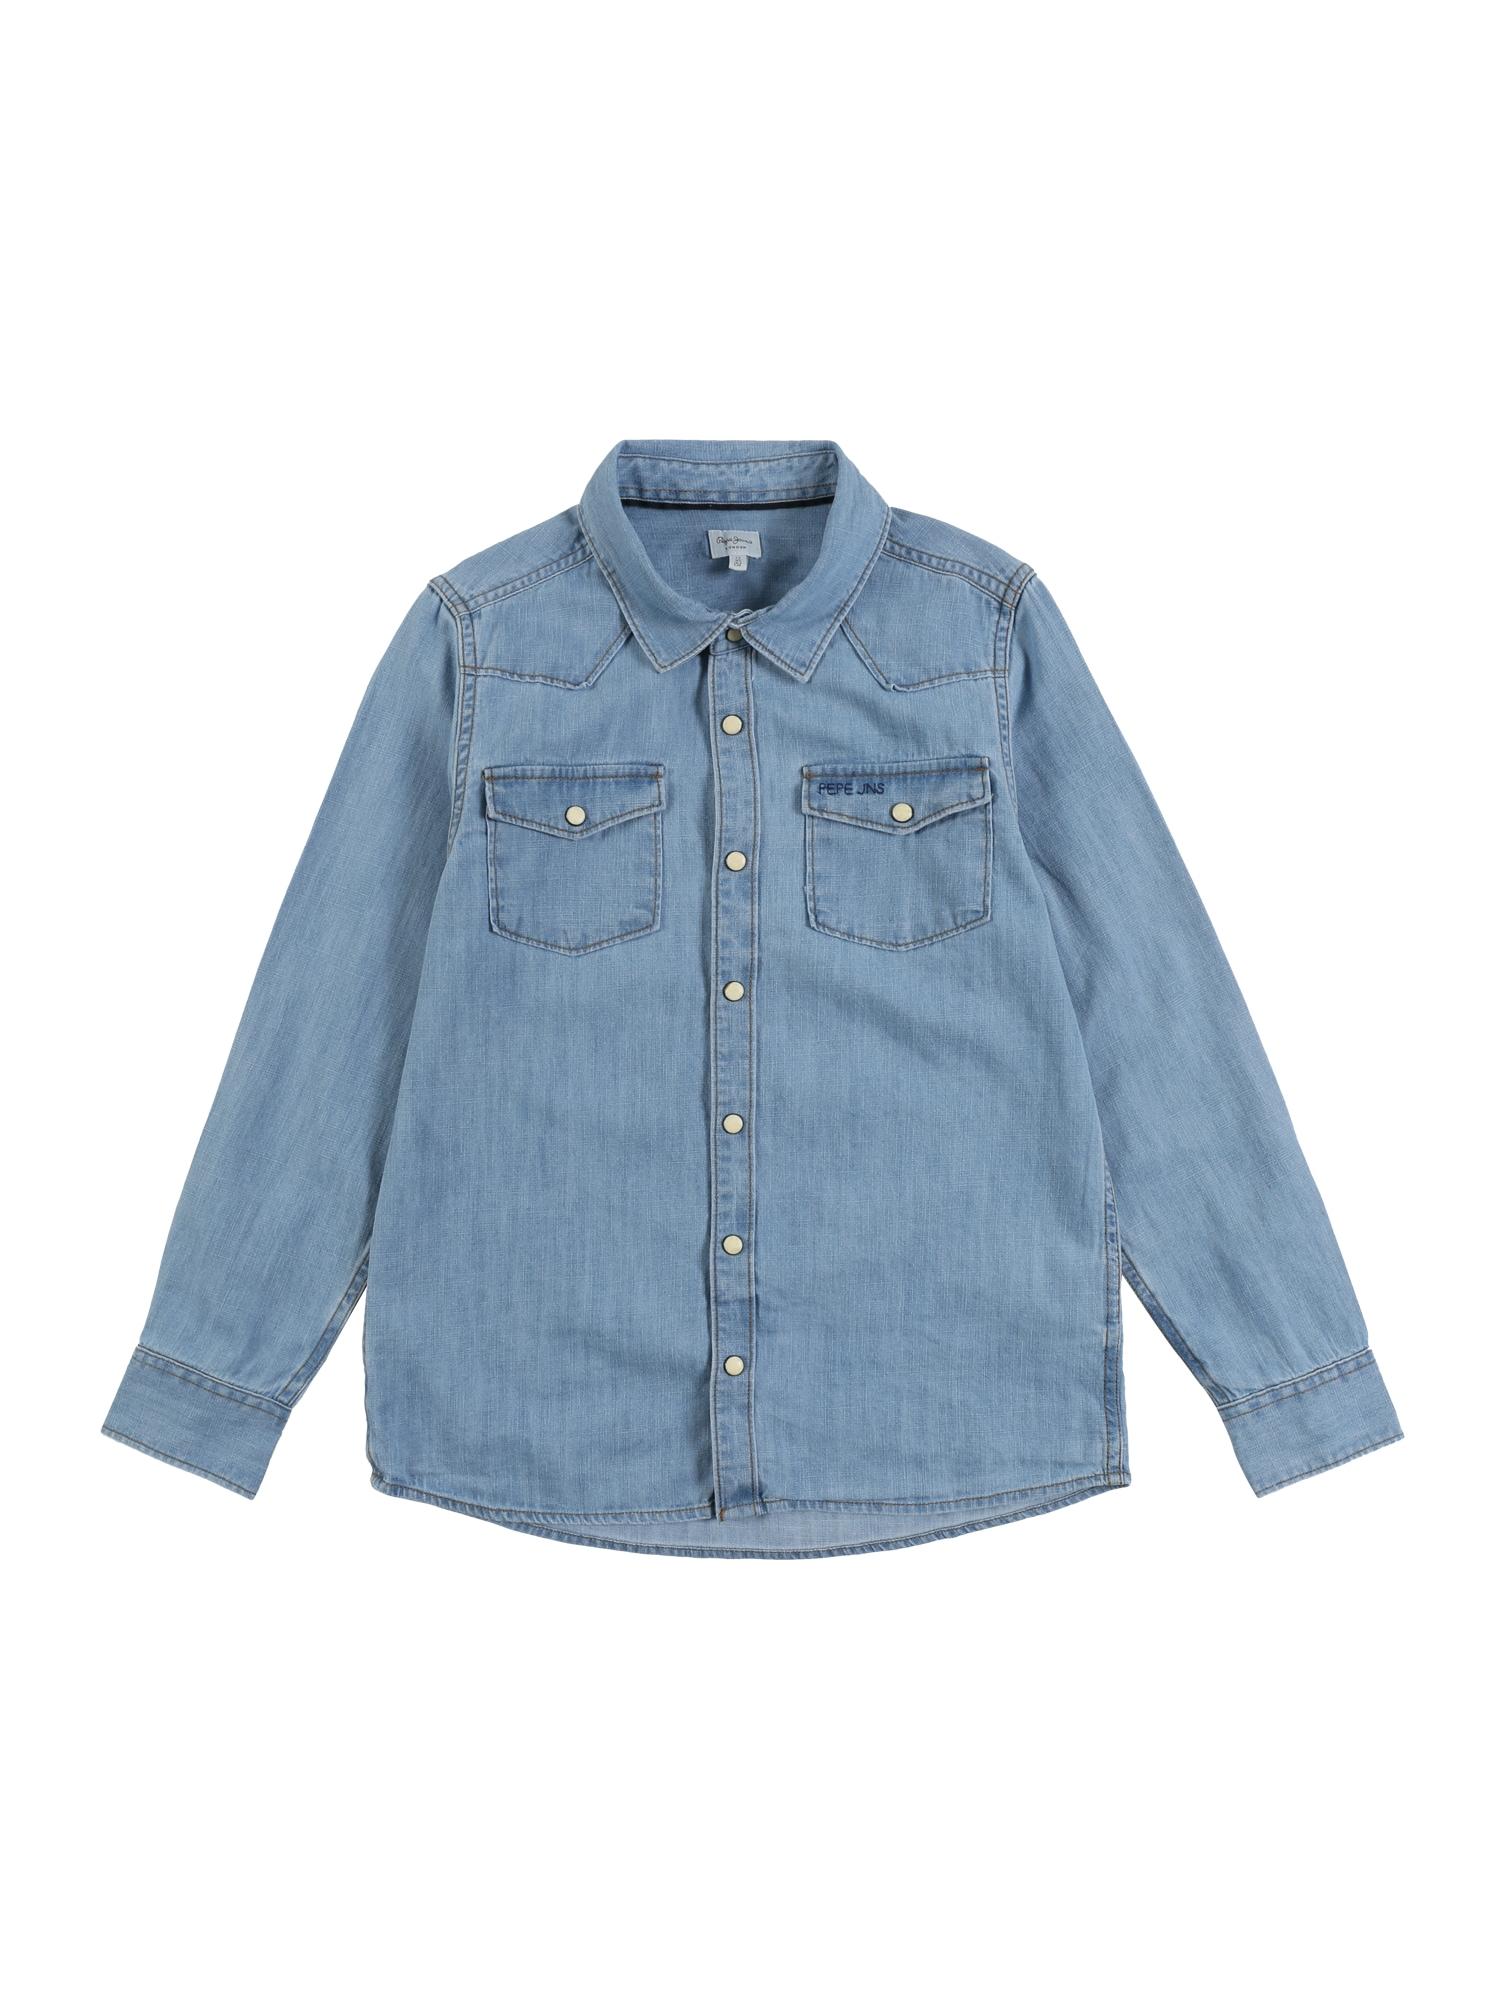 Pepe Jeans Dalykiniai marškiniai 'MICHAEL' tamsiai (džinso) mėlyna